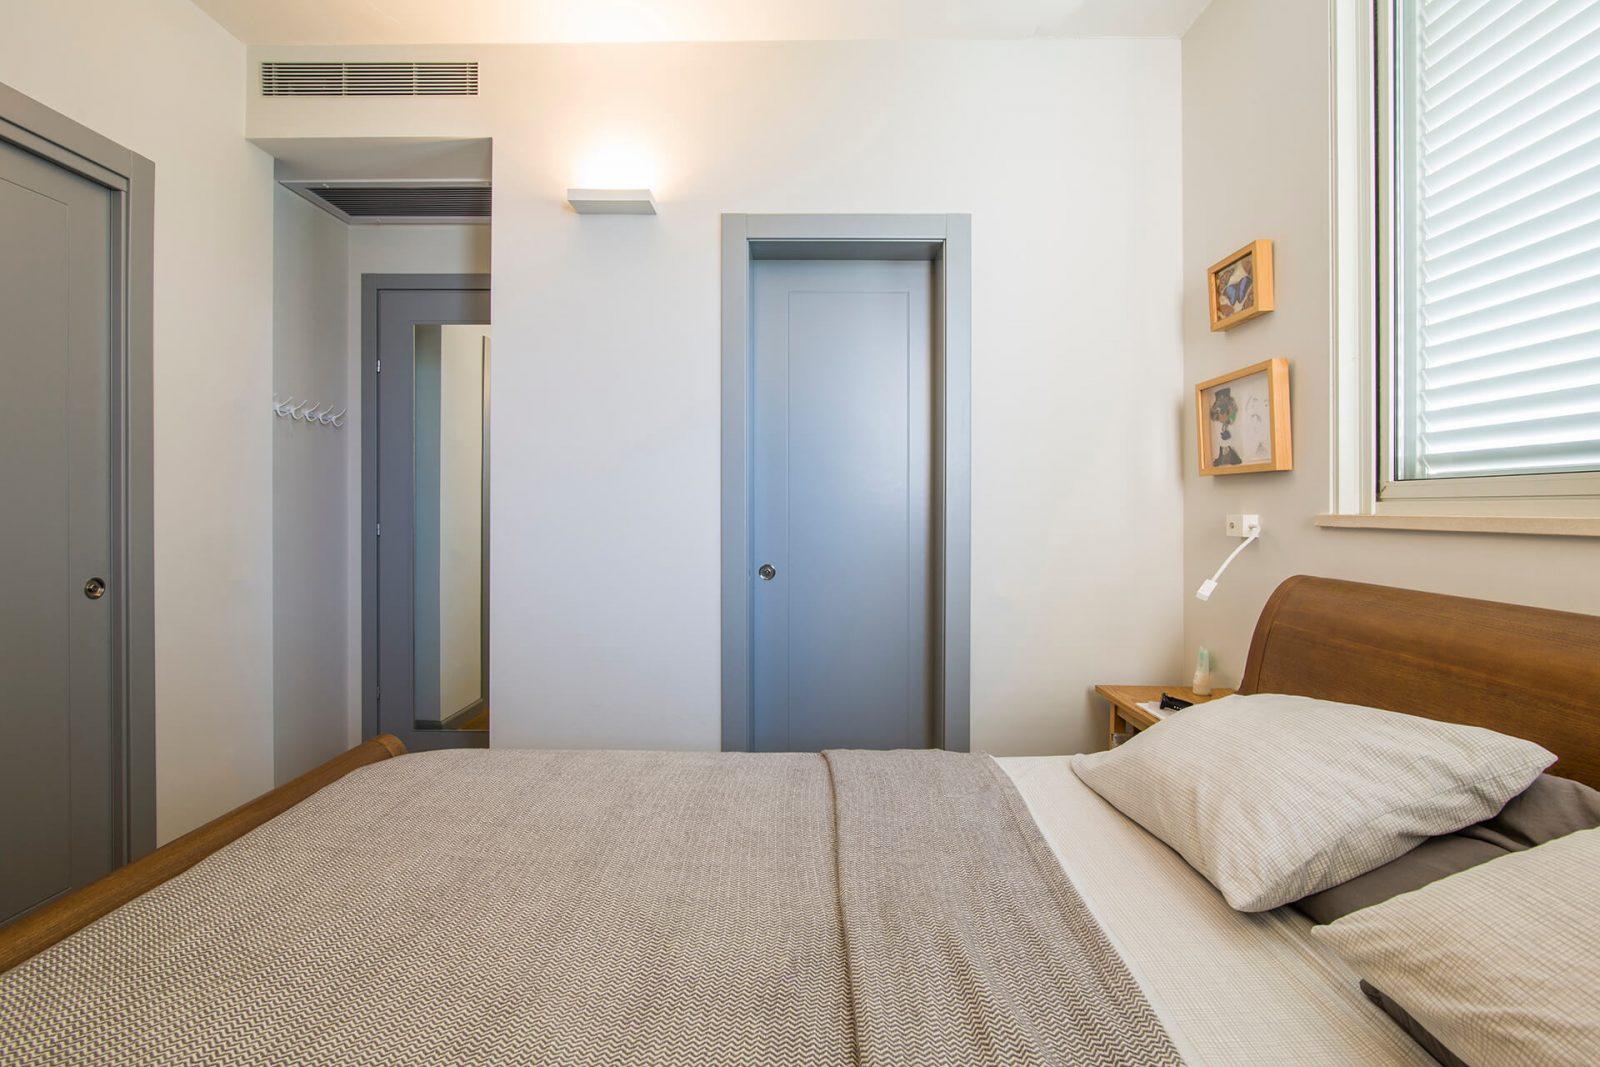 דלתות פנים זולות מחיר לחדר שינה